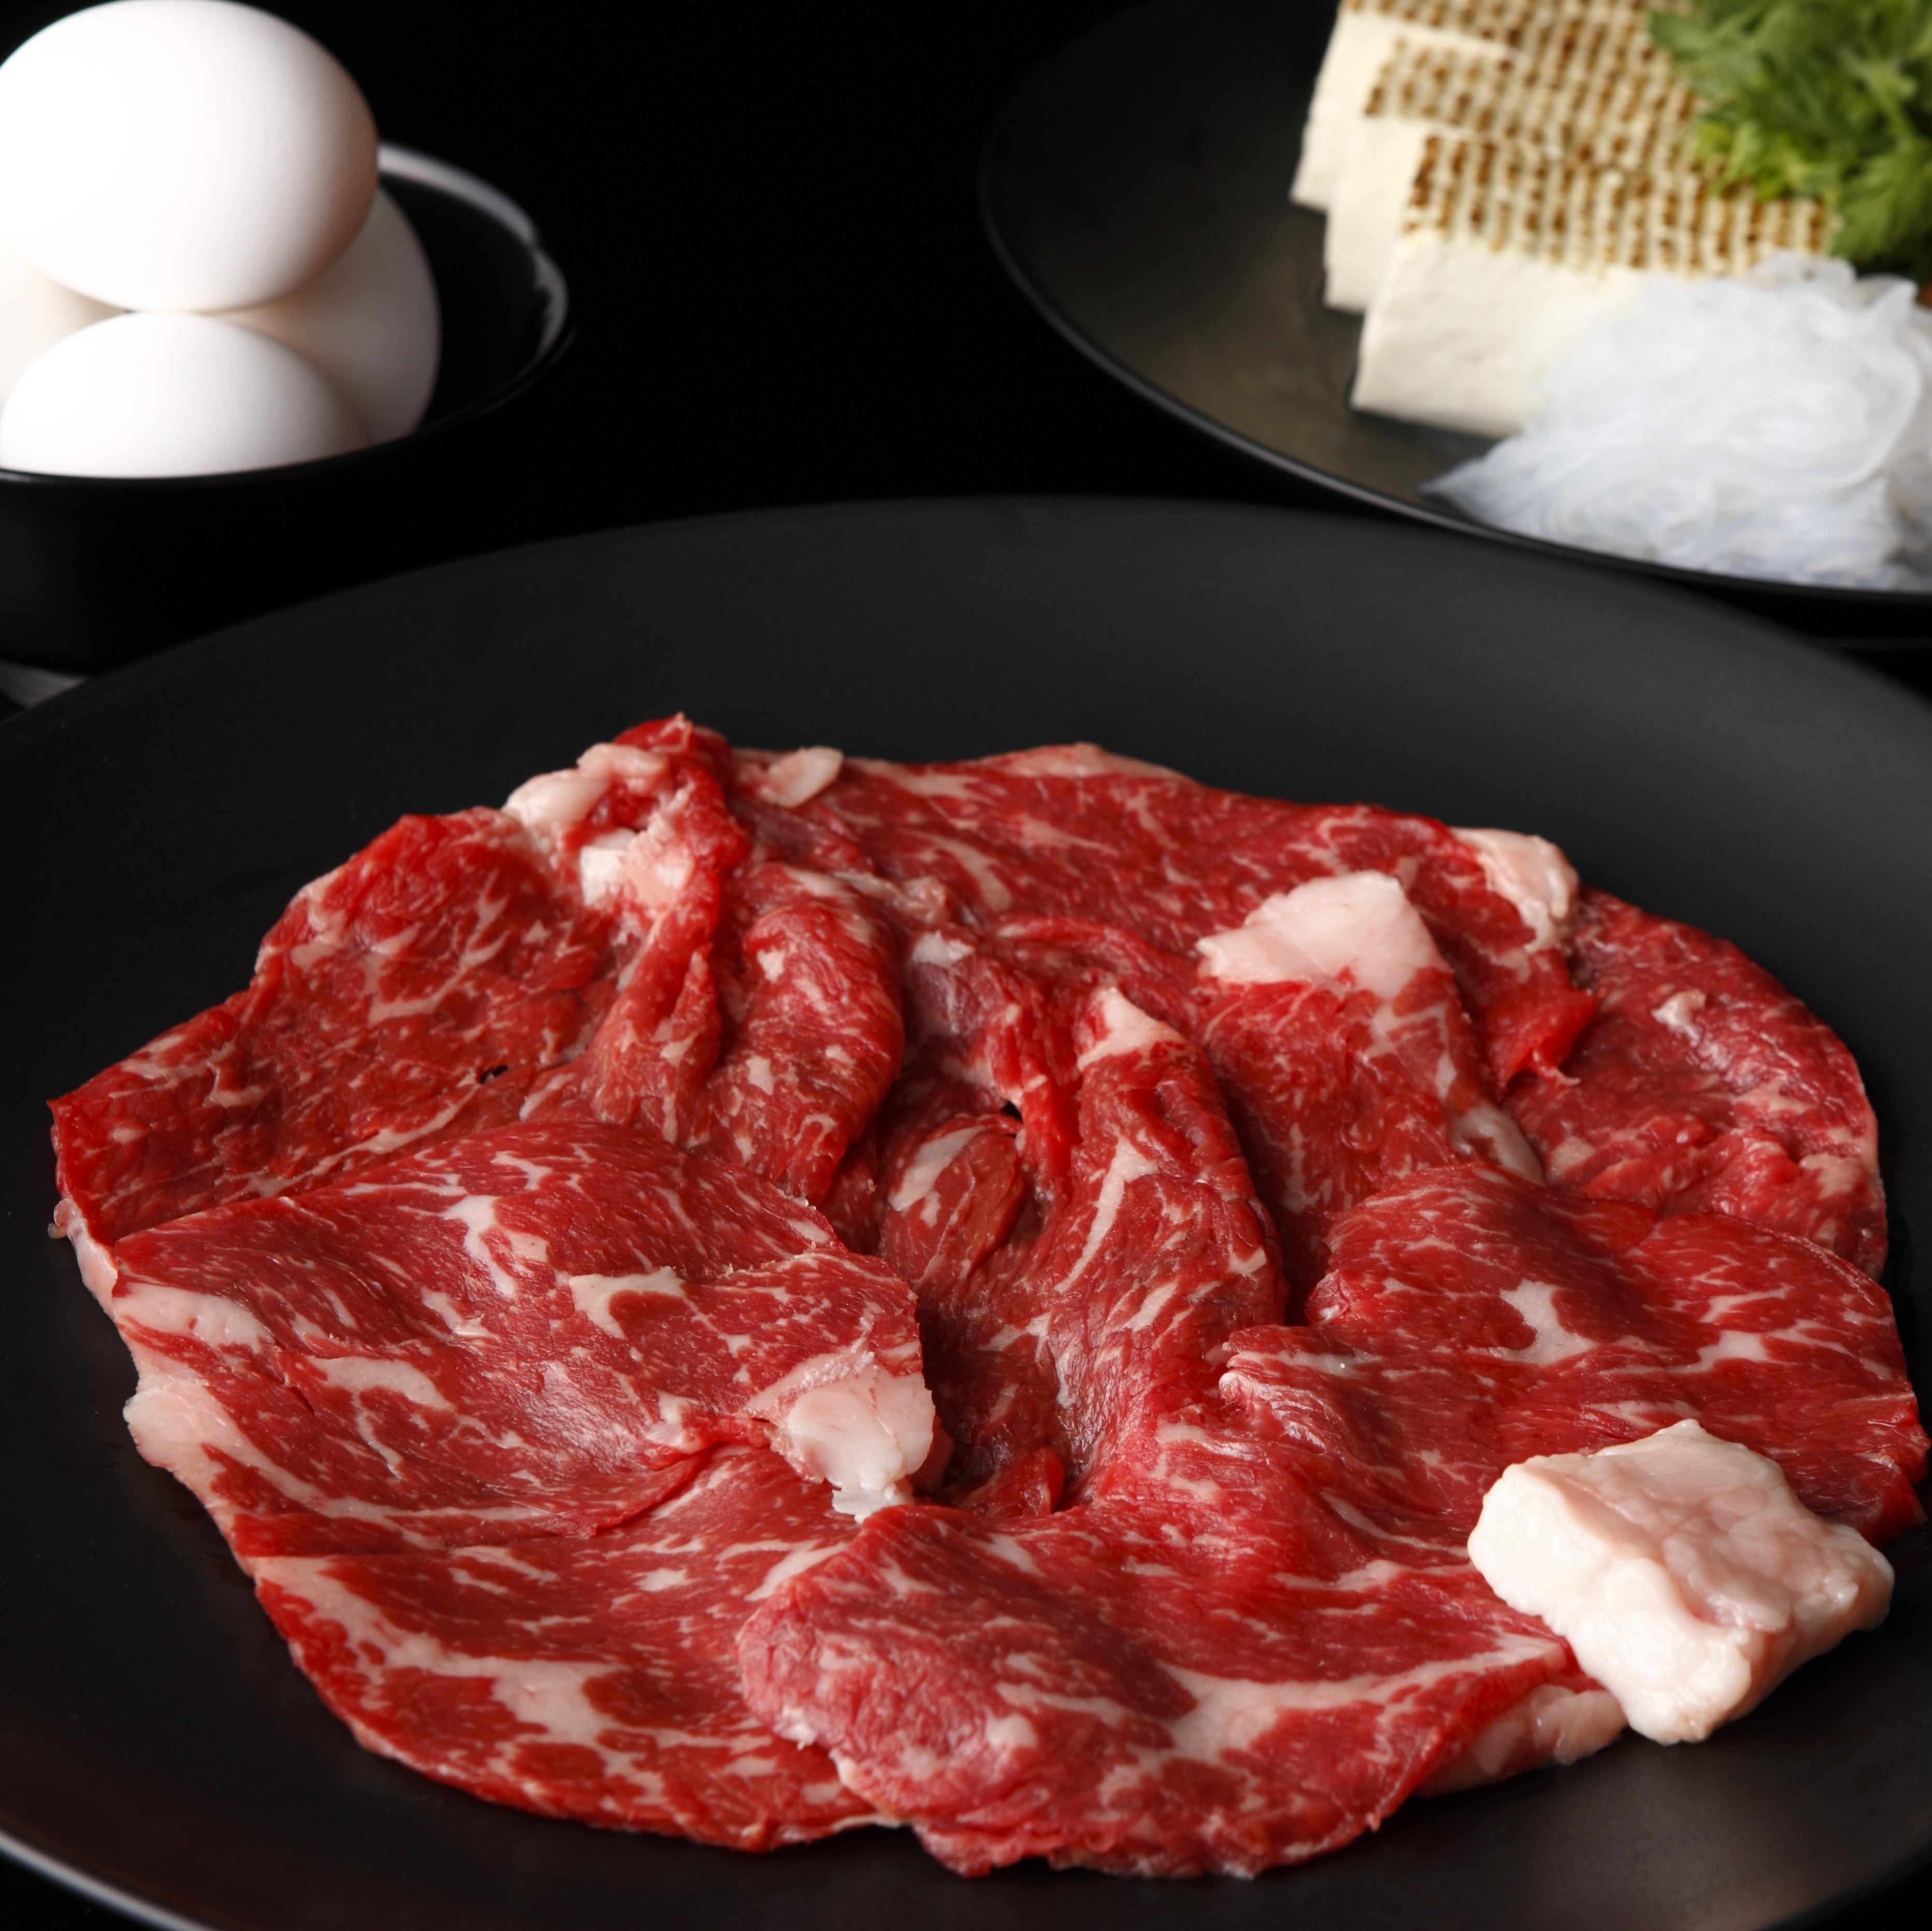 【北海道】宗谷黒牛モモすき焼き 600g